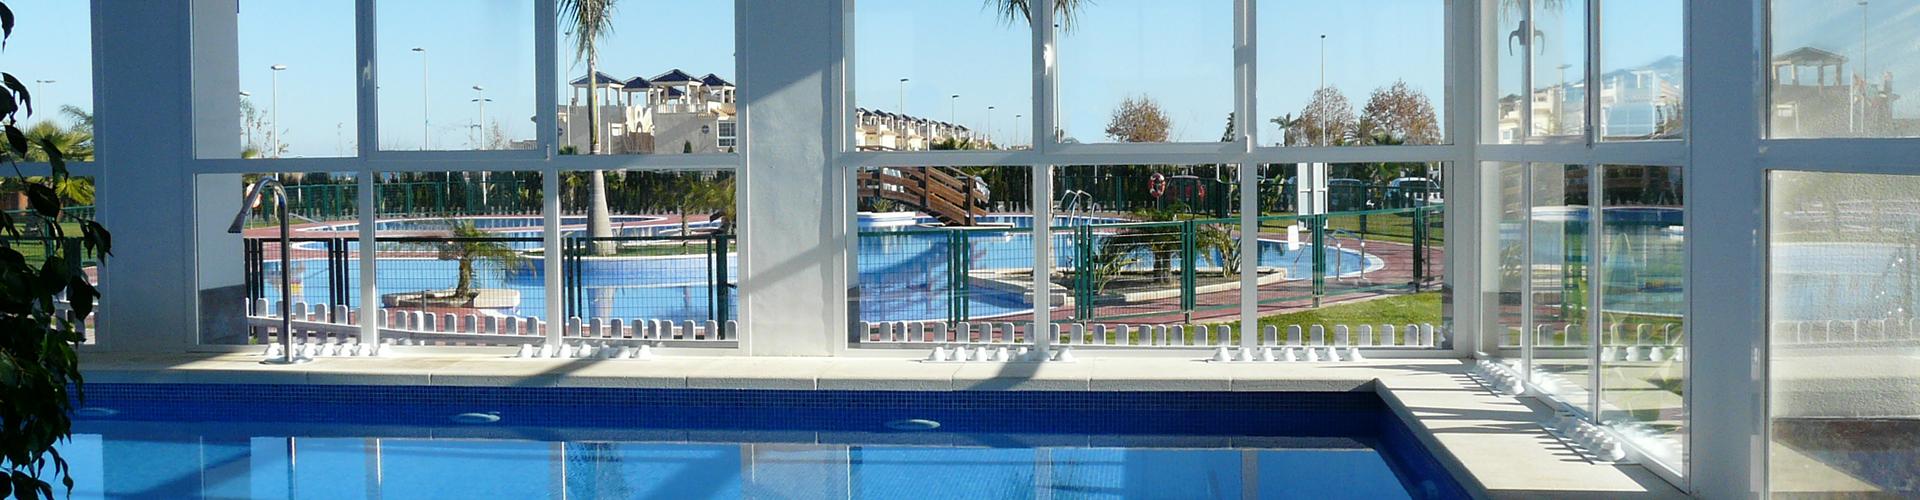 Lo Monte piscina interior